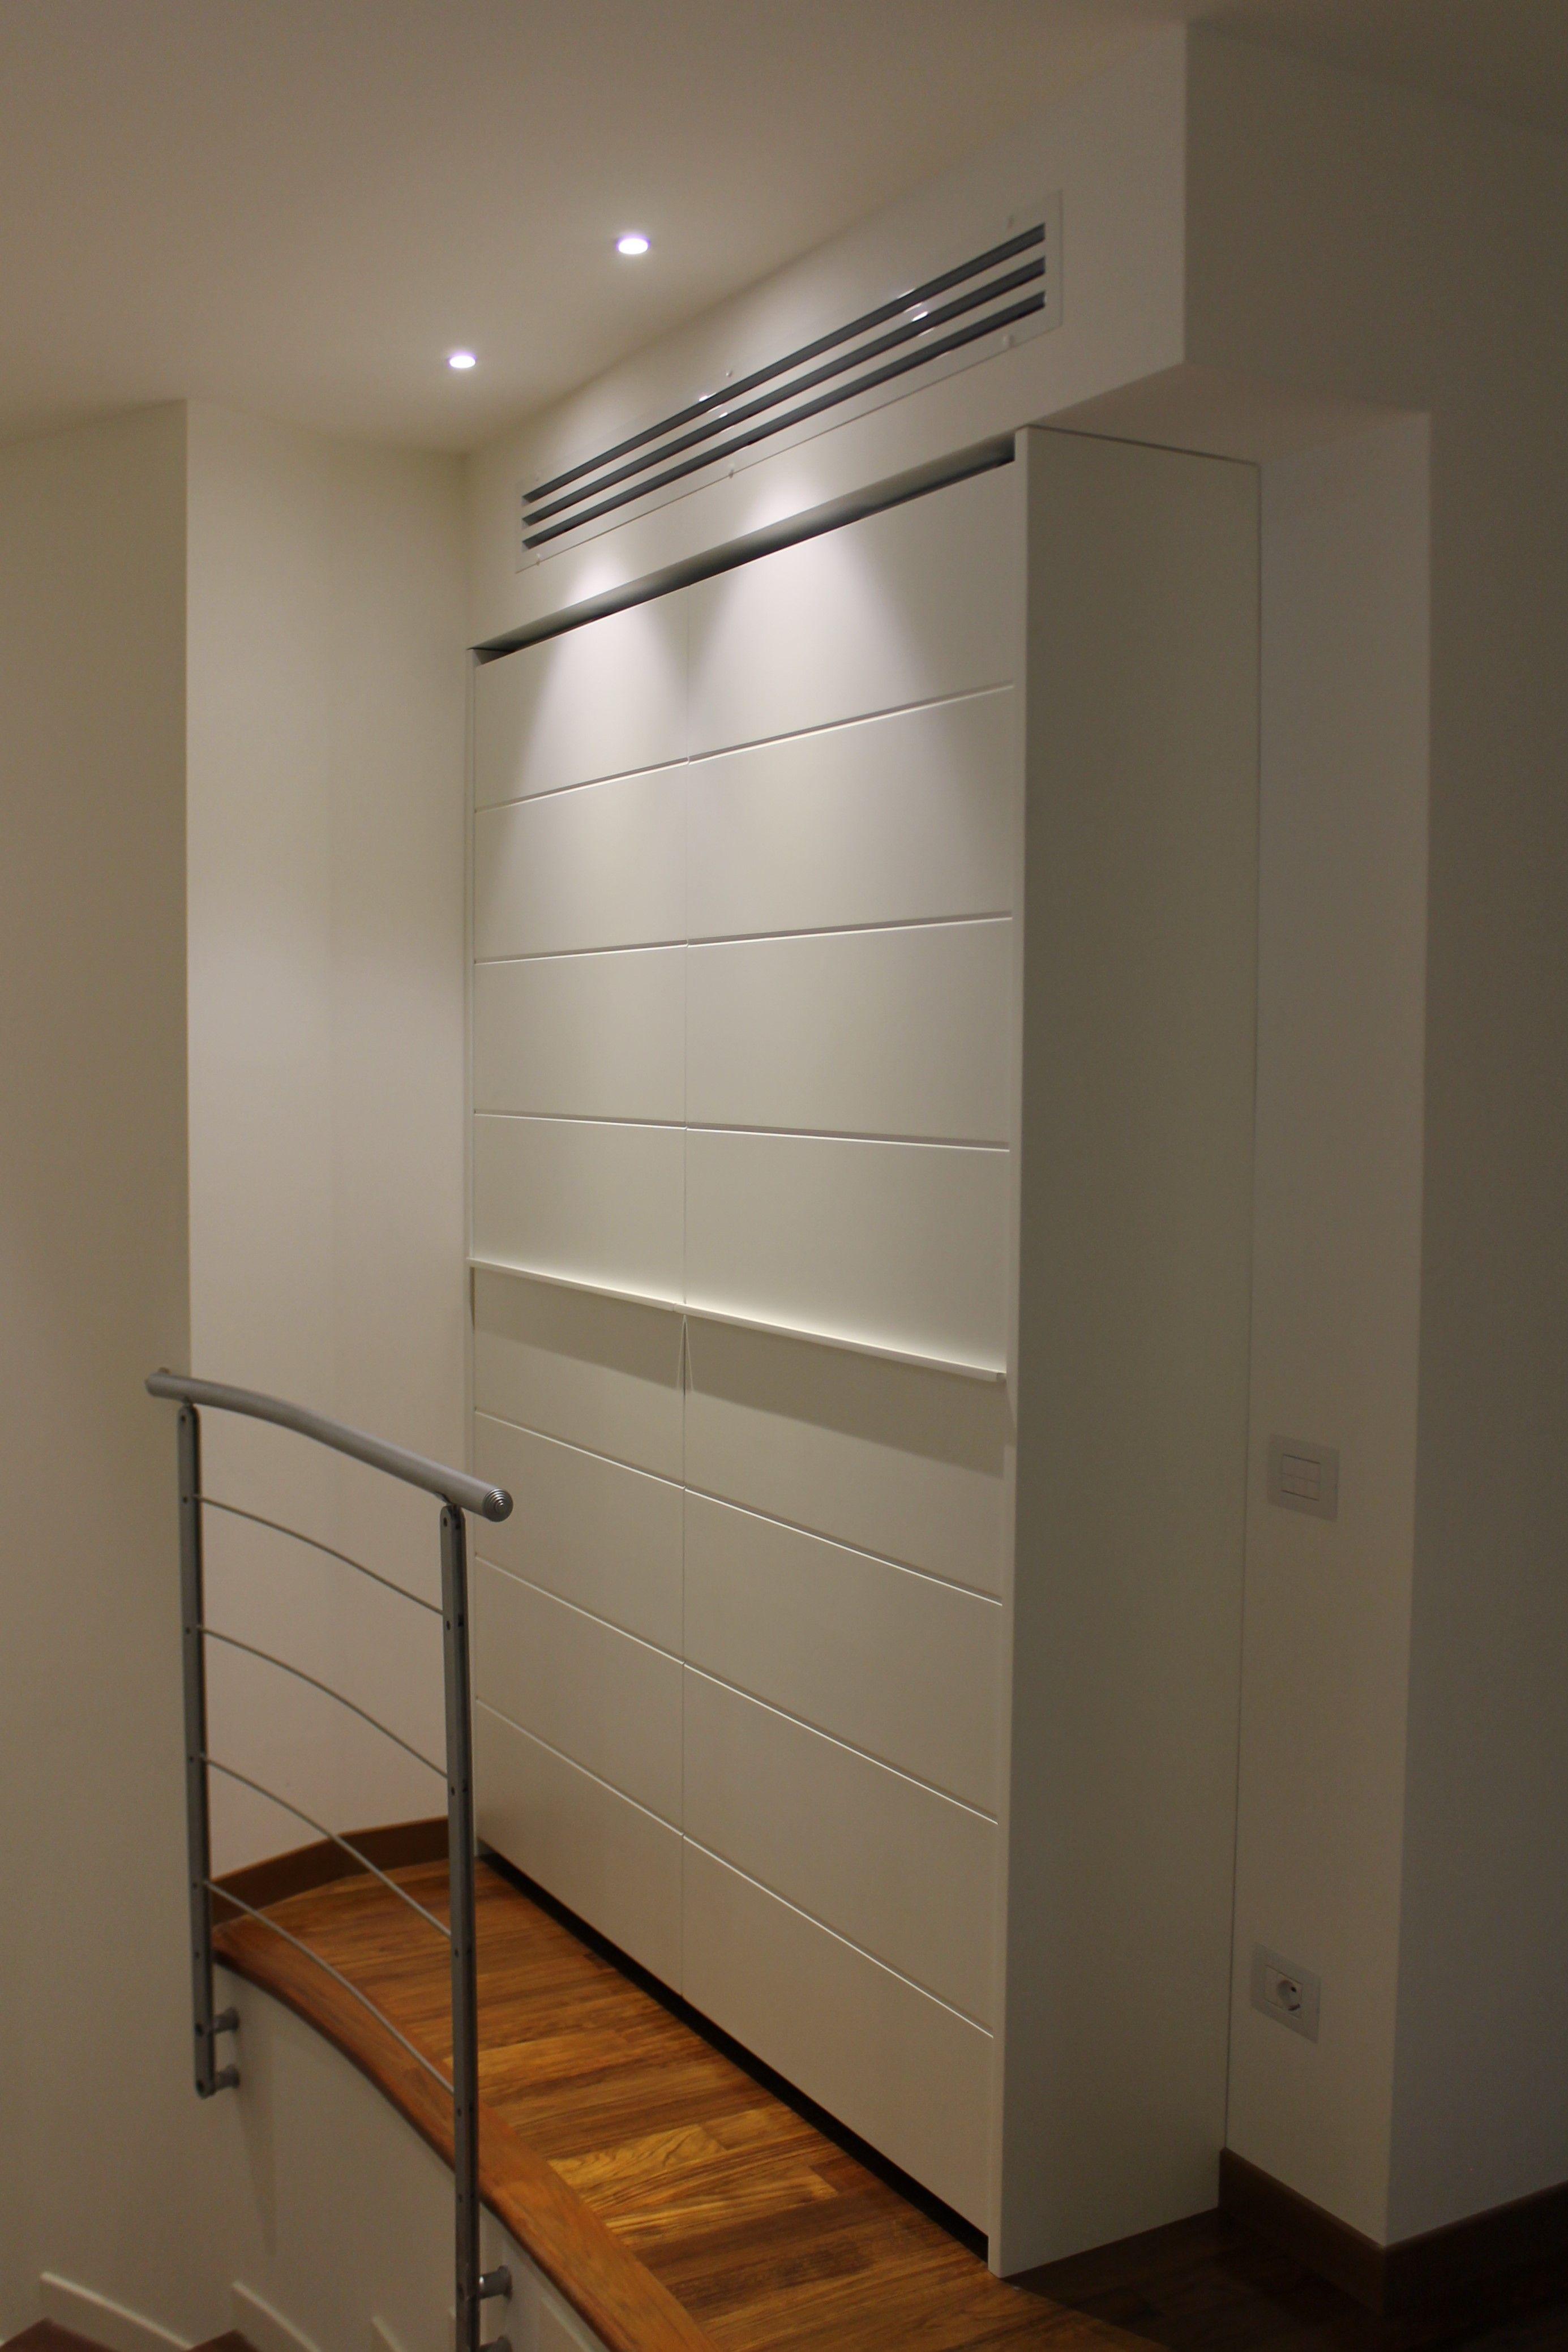 armadio ingresso ad ante scorrevoli complanari , laccato